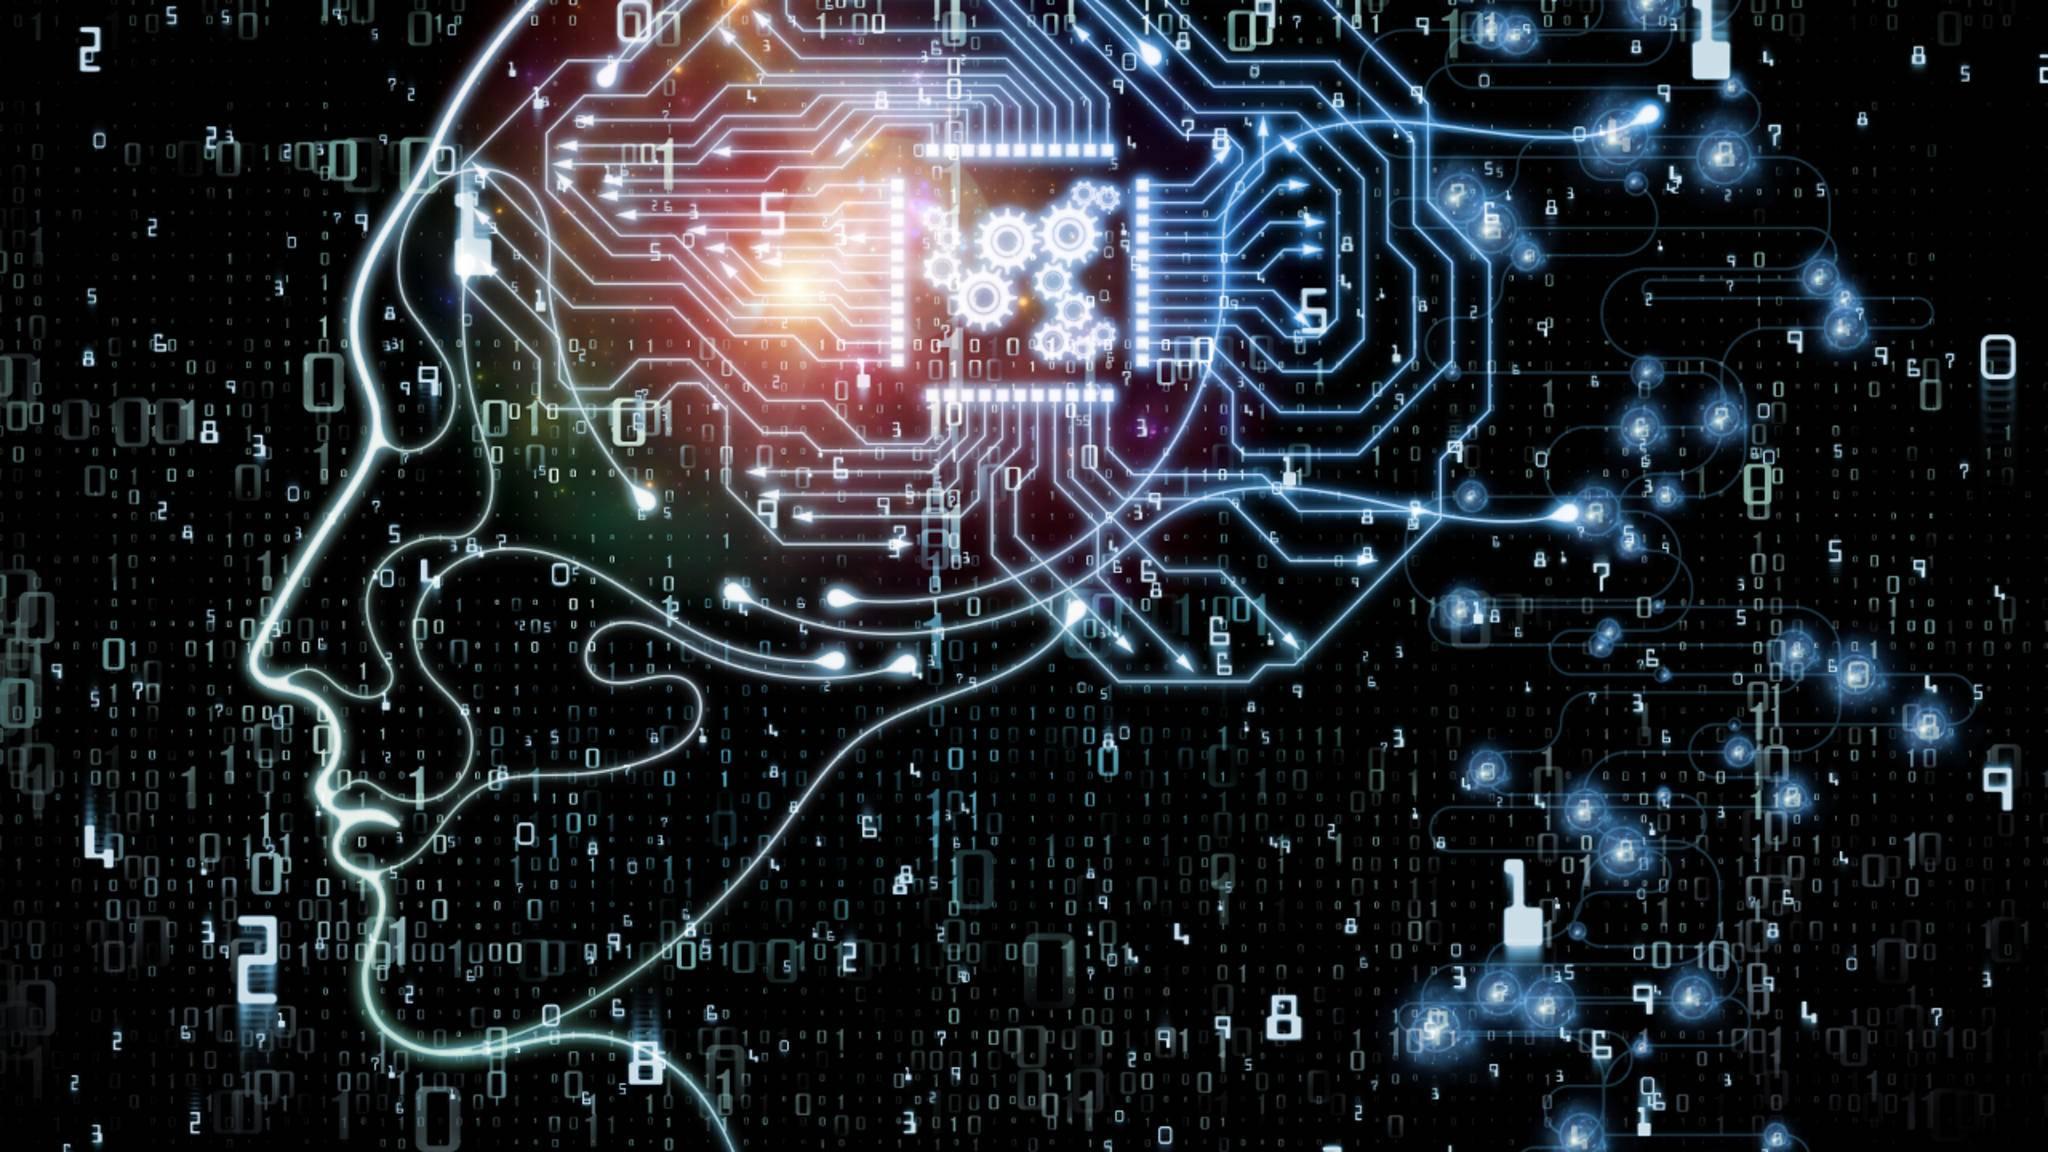 Dank künstlicher Intelligenz wird Echoortung besser in der Erkennung von Menschen.